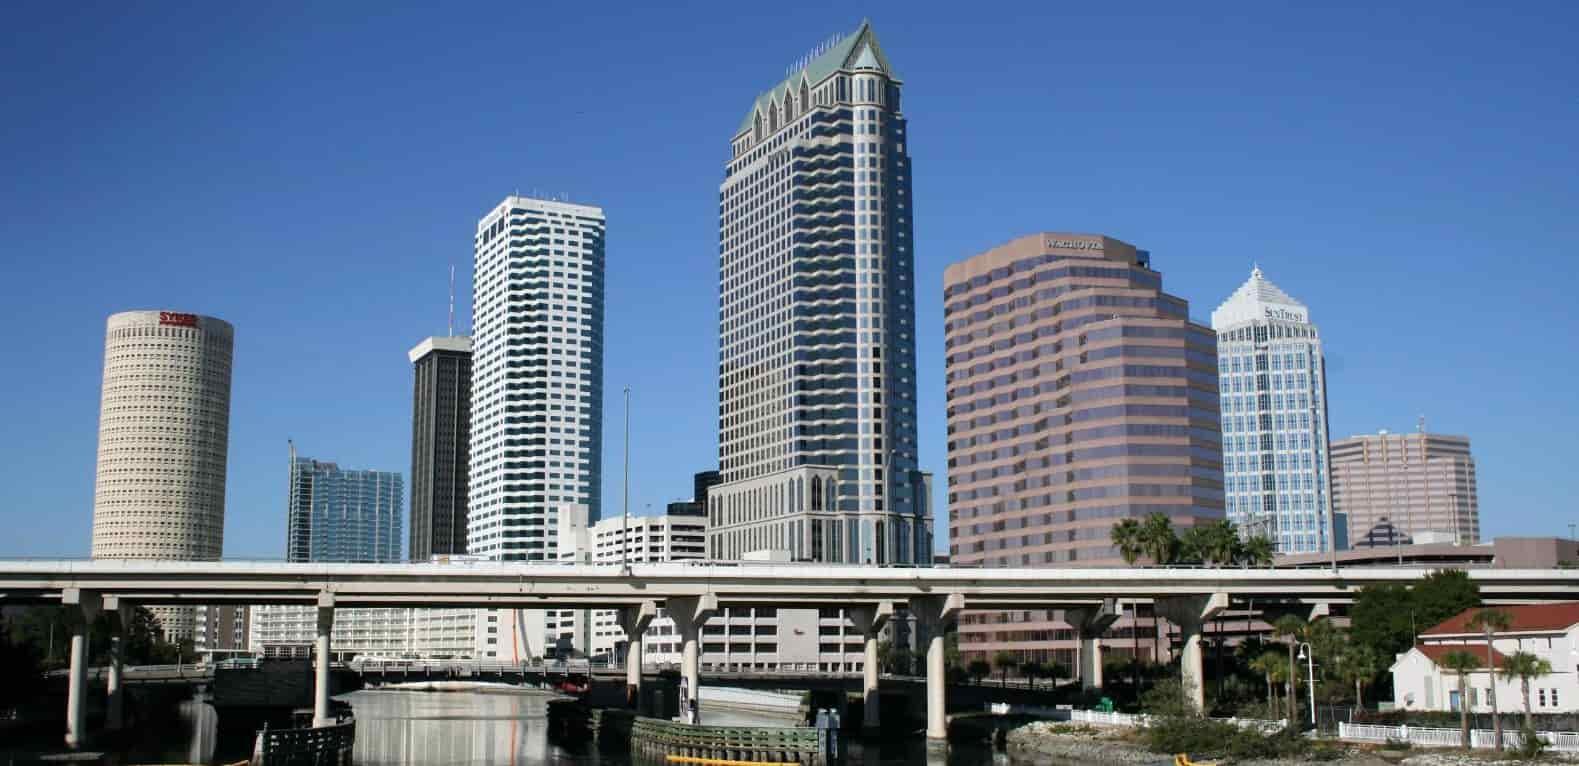 Tampa's Best Neighborhoods for Millennials in 2019